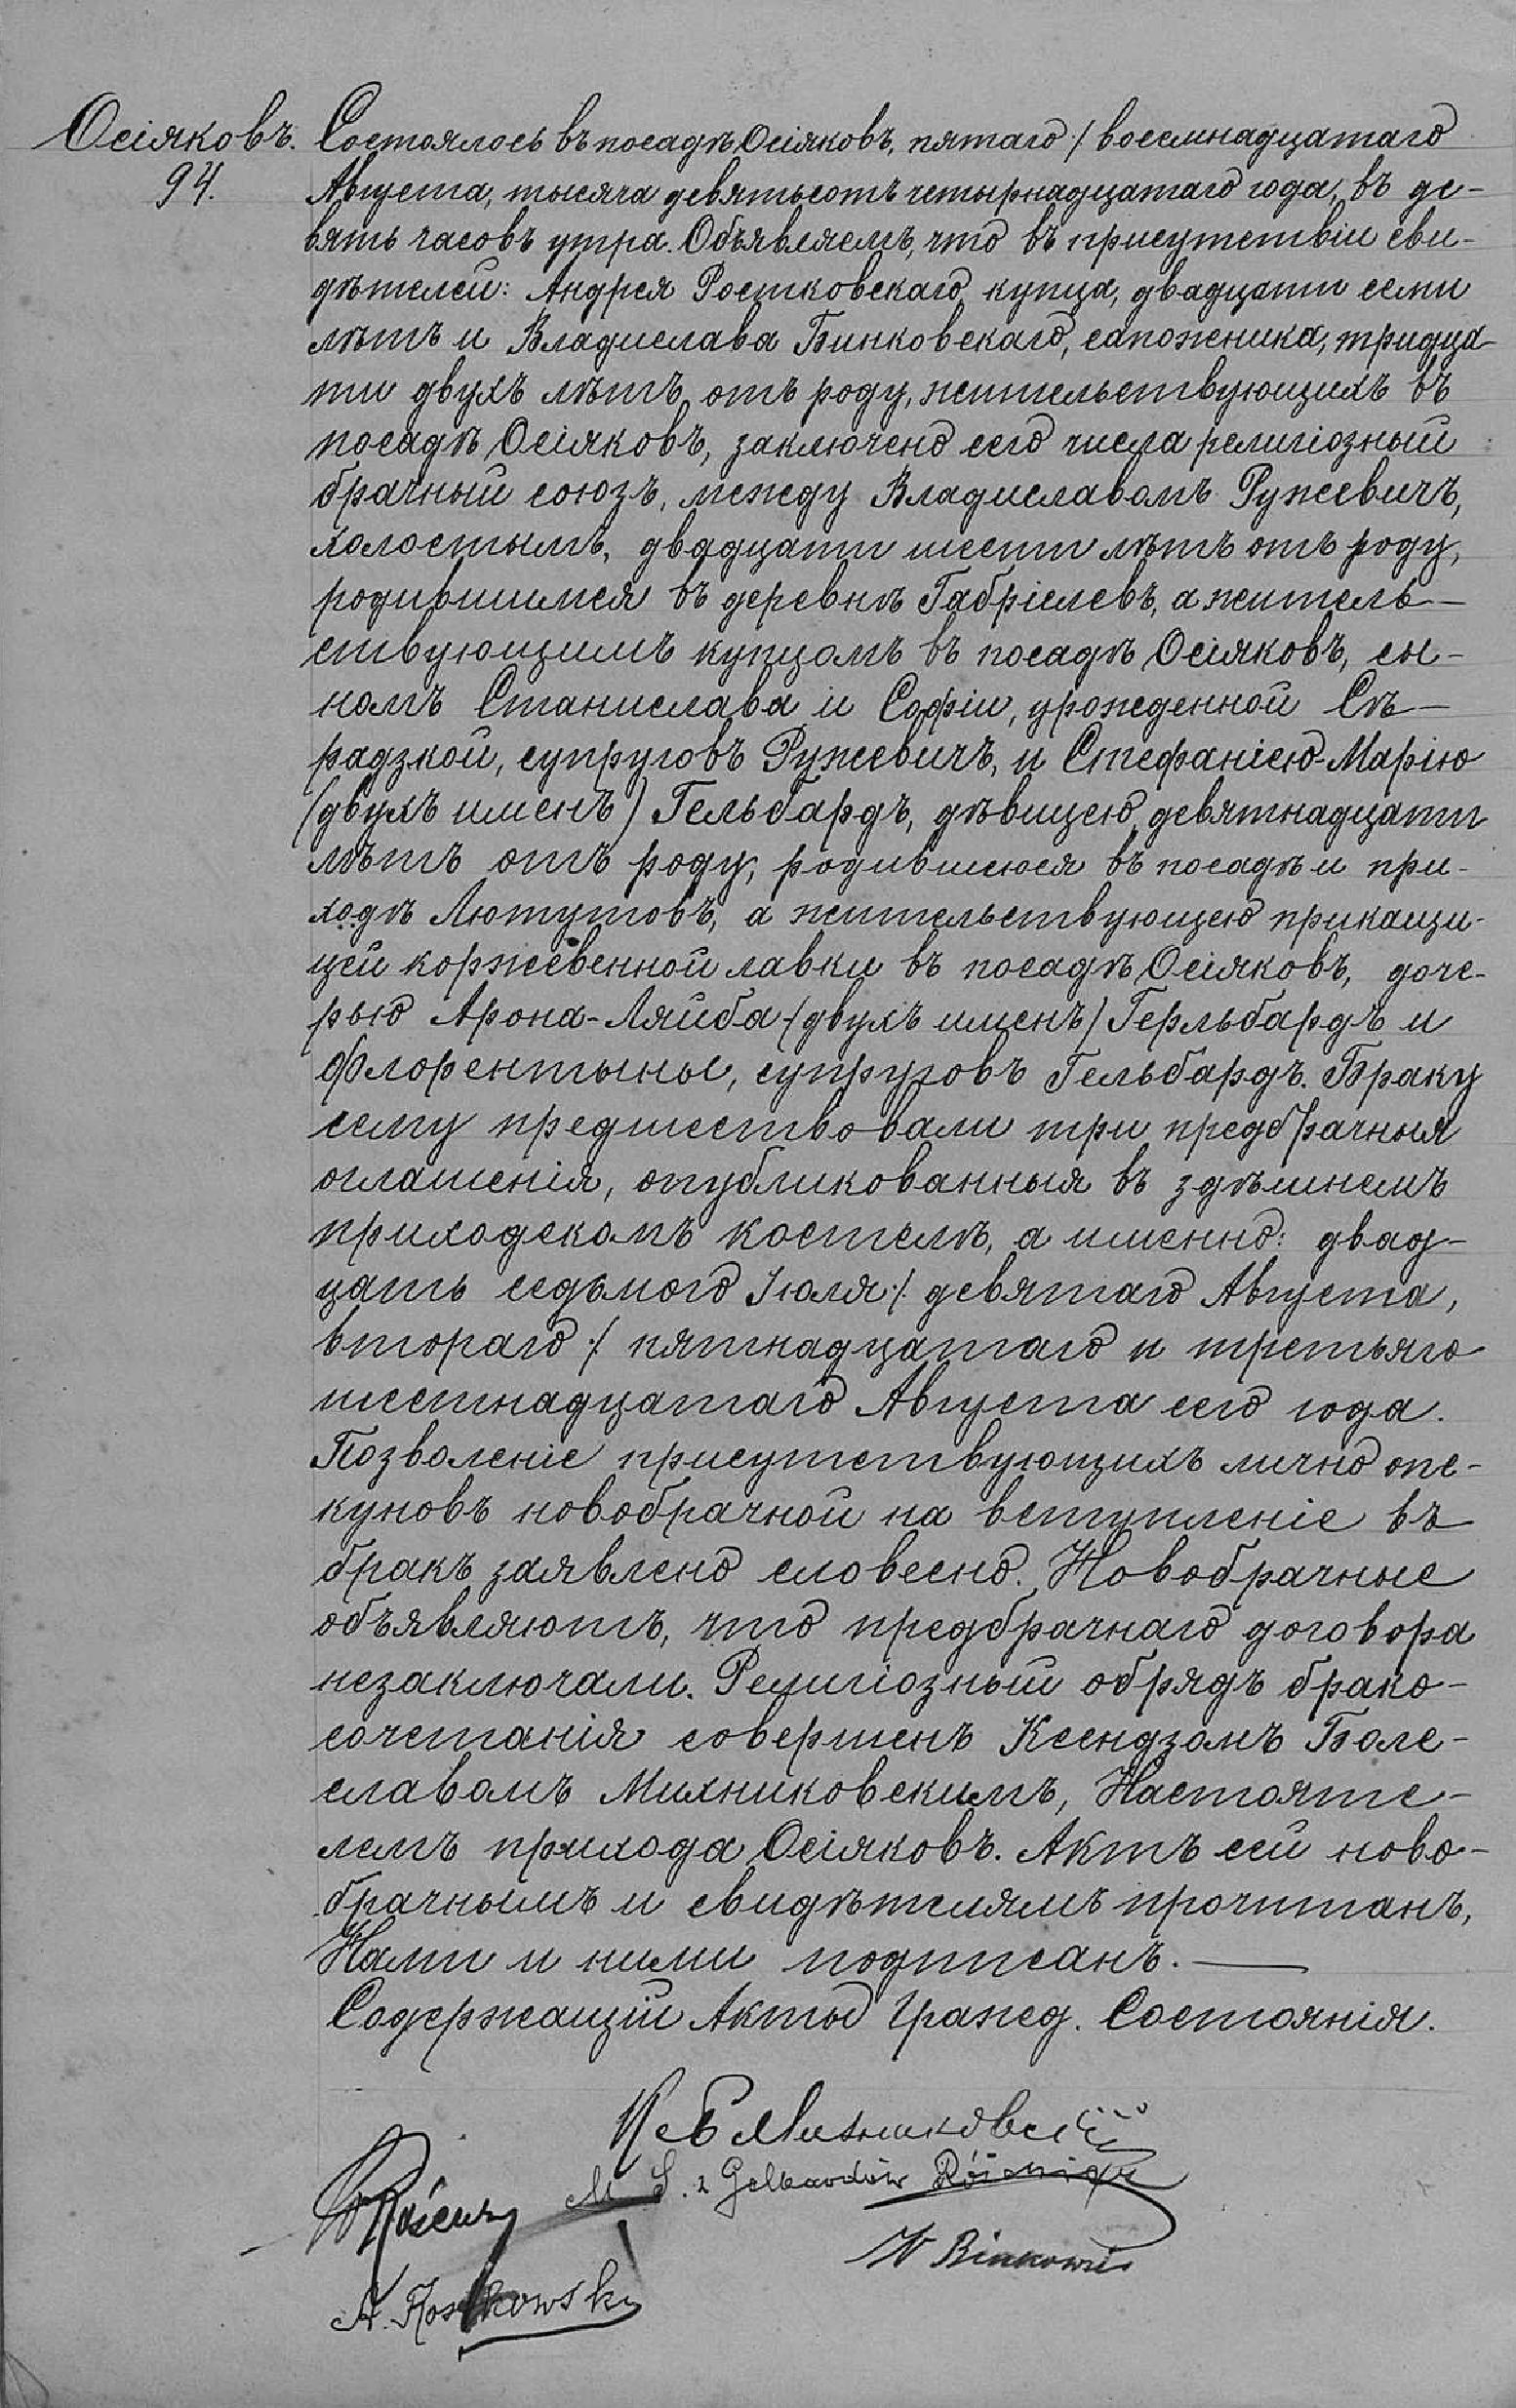 Akt ślubu Władysława Różewicza, parafia Osjaków, rok 1914